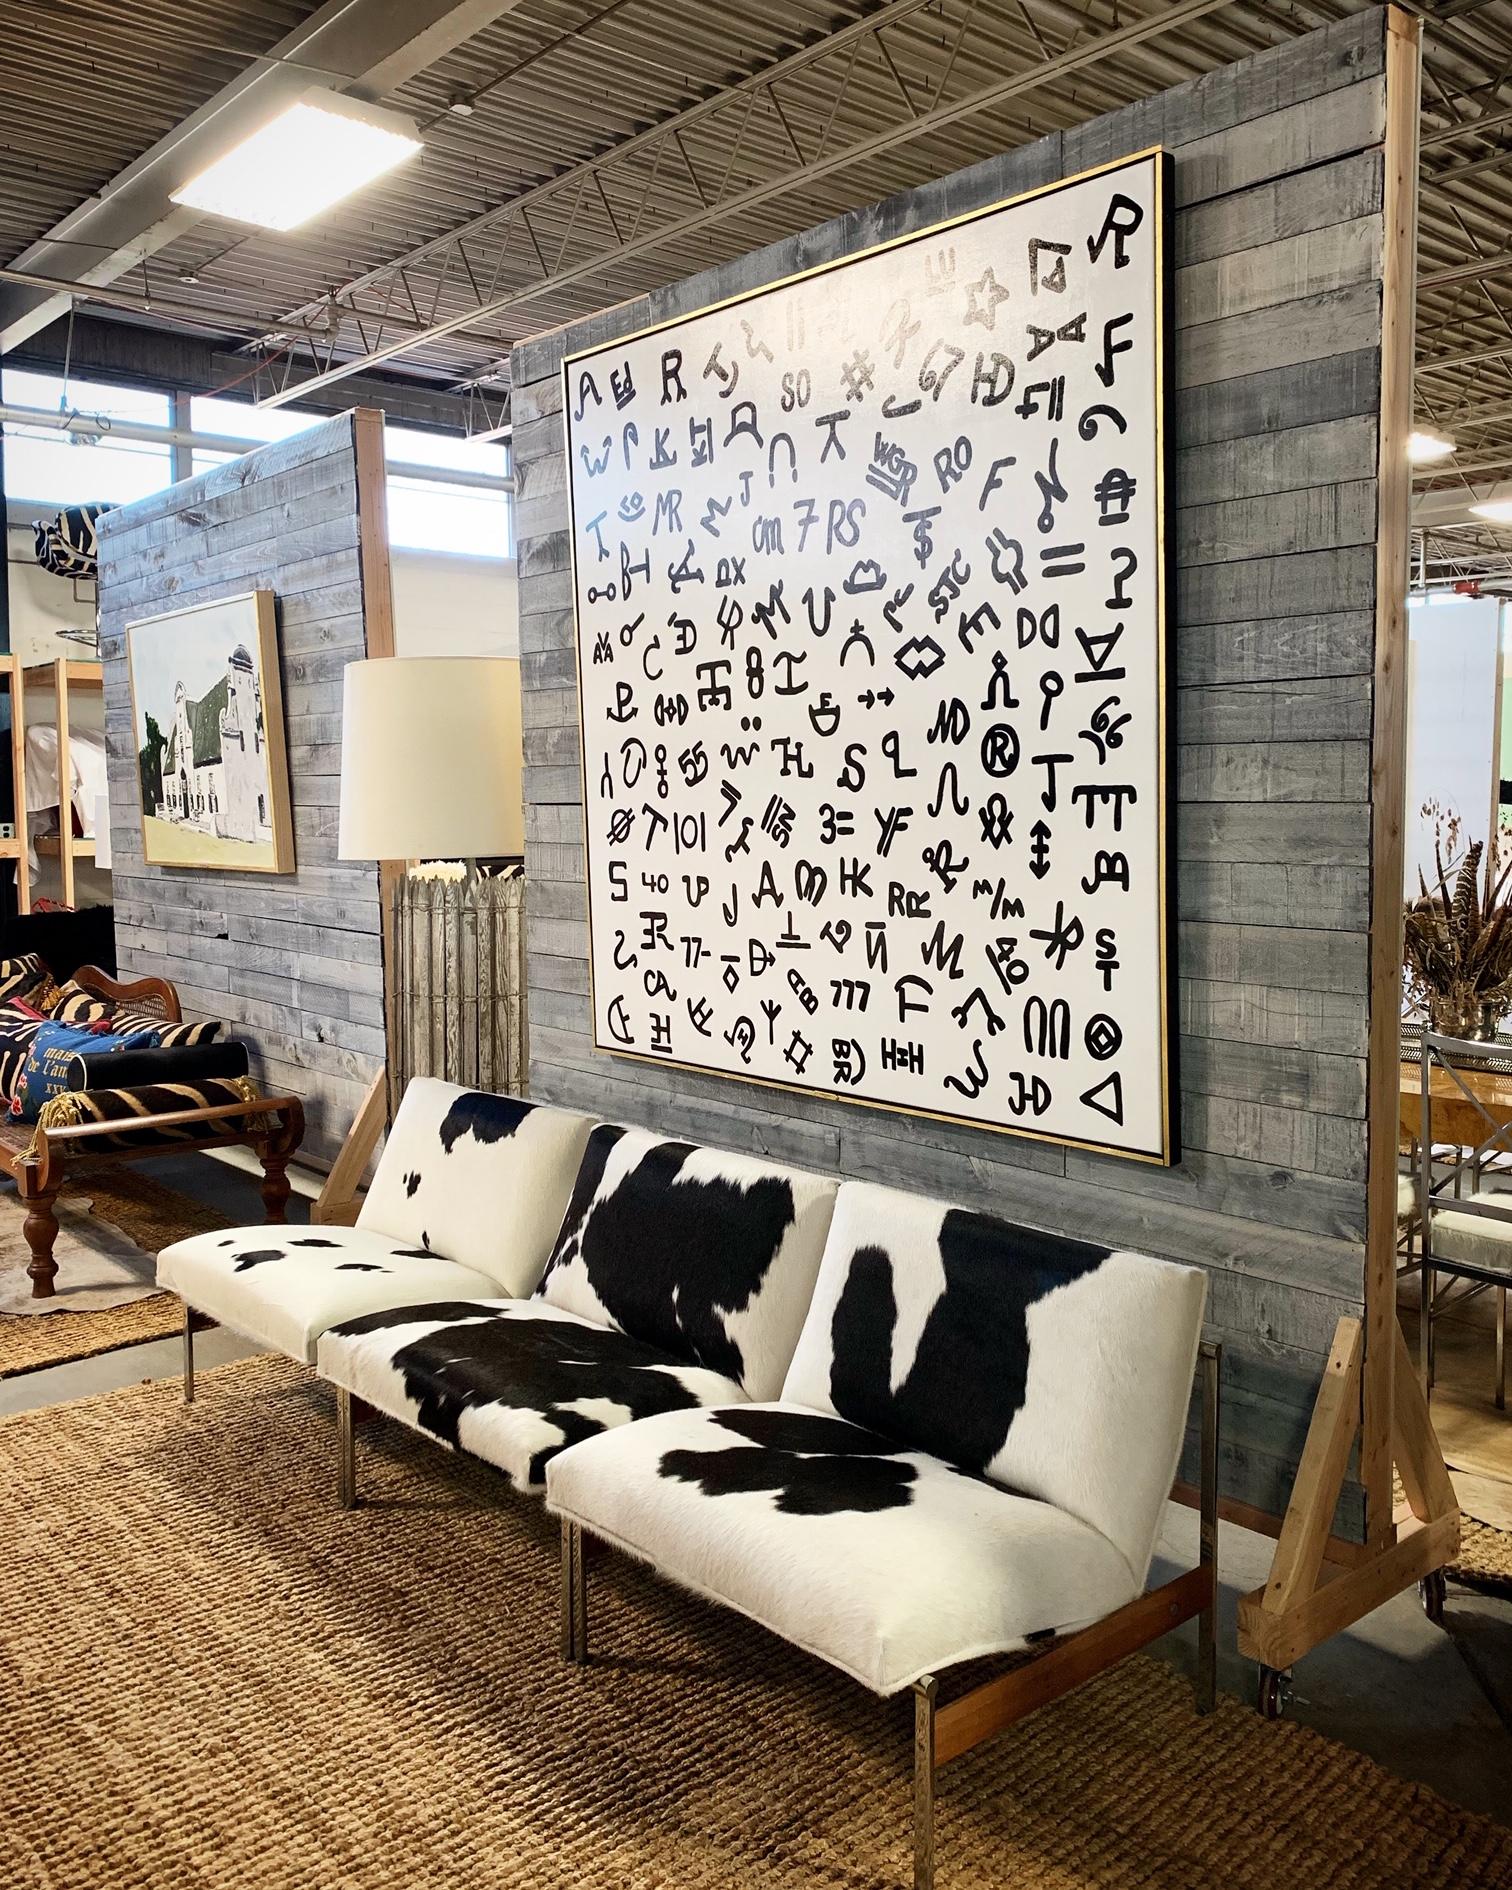 Brands in Black on White in Forsyth Studio.